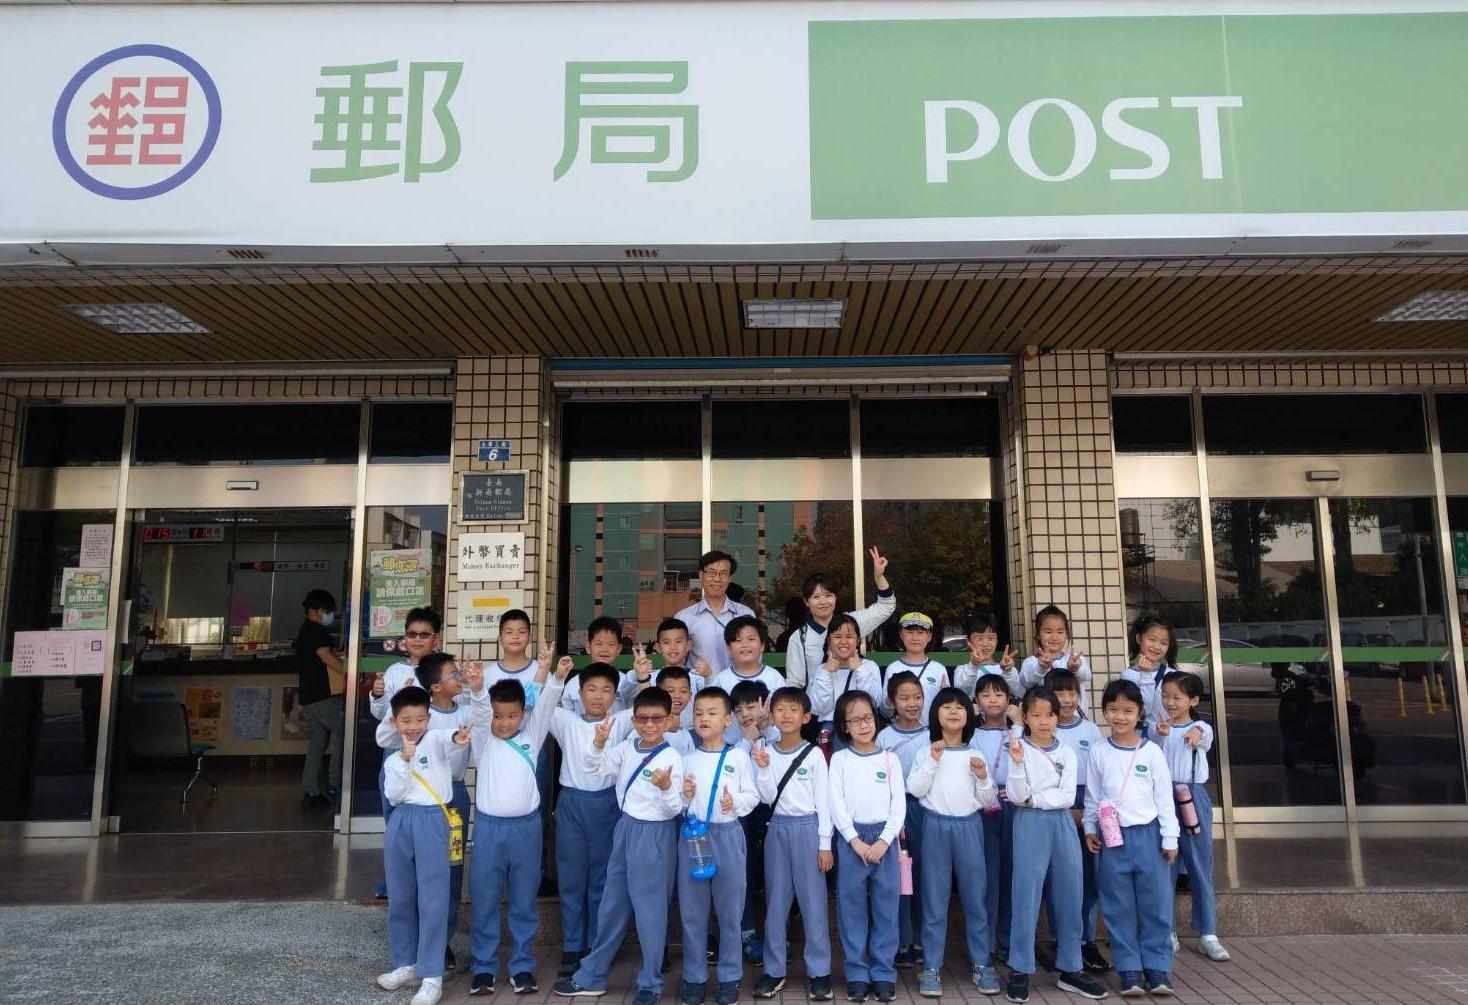 臺南郵局-臺南市私立慈濟高中國小部參觀新南郵局